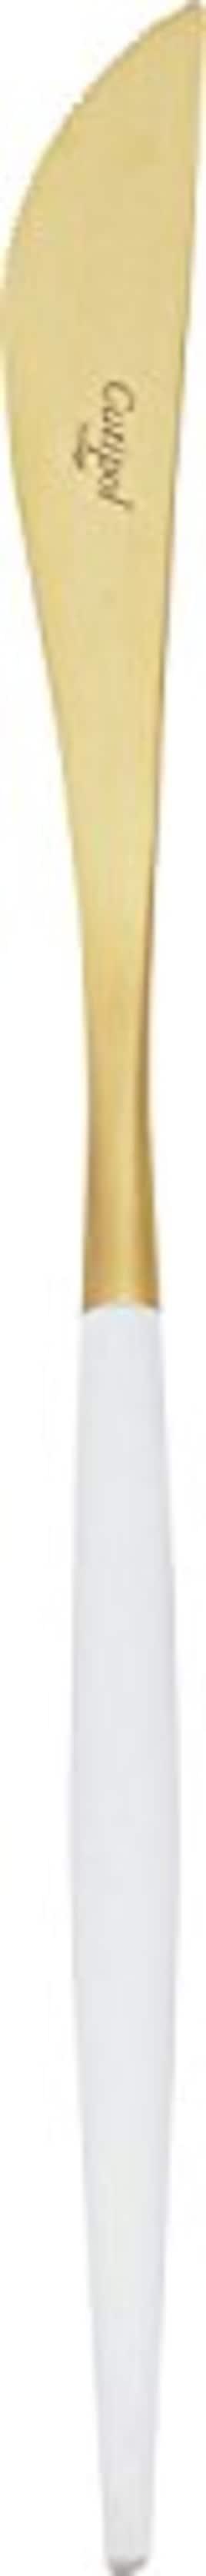 クチポール テーブル ナイフ GOA ゴールド×ホワイト GO.03WGB